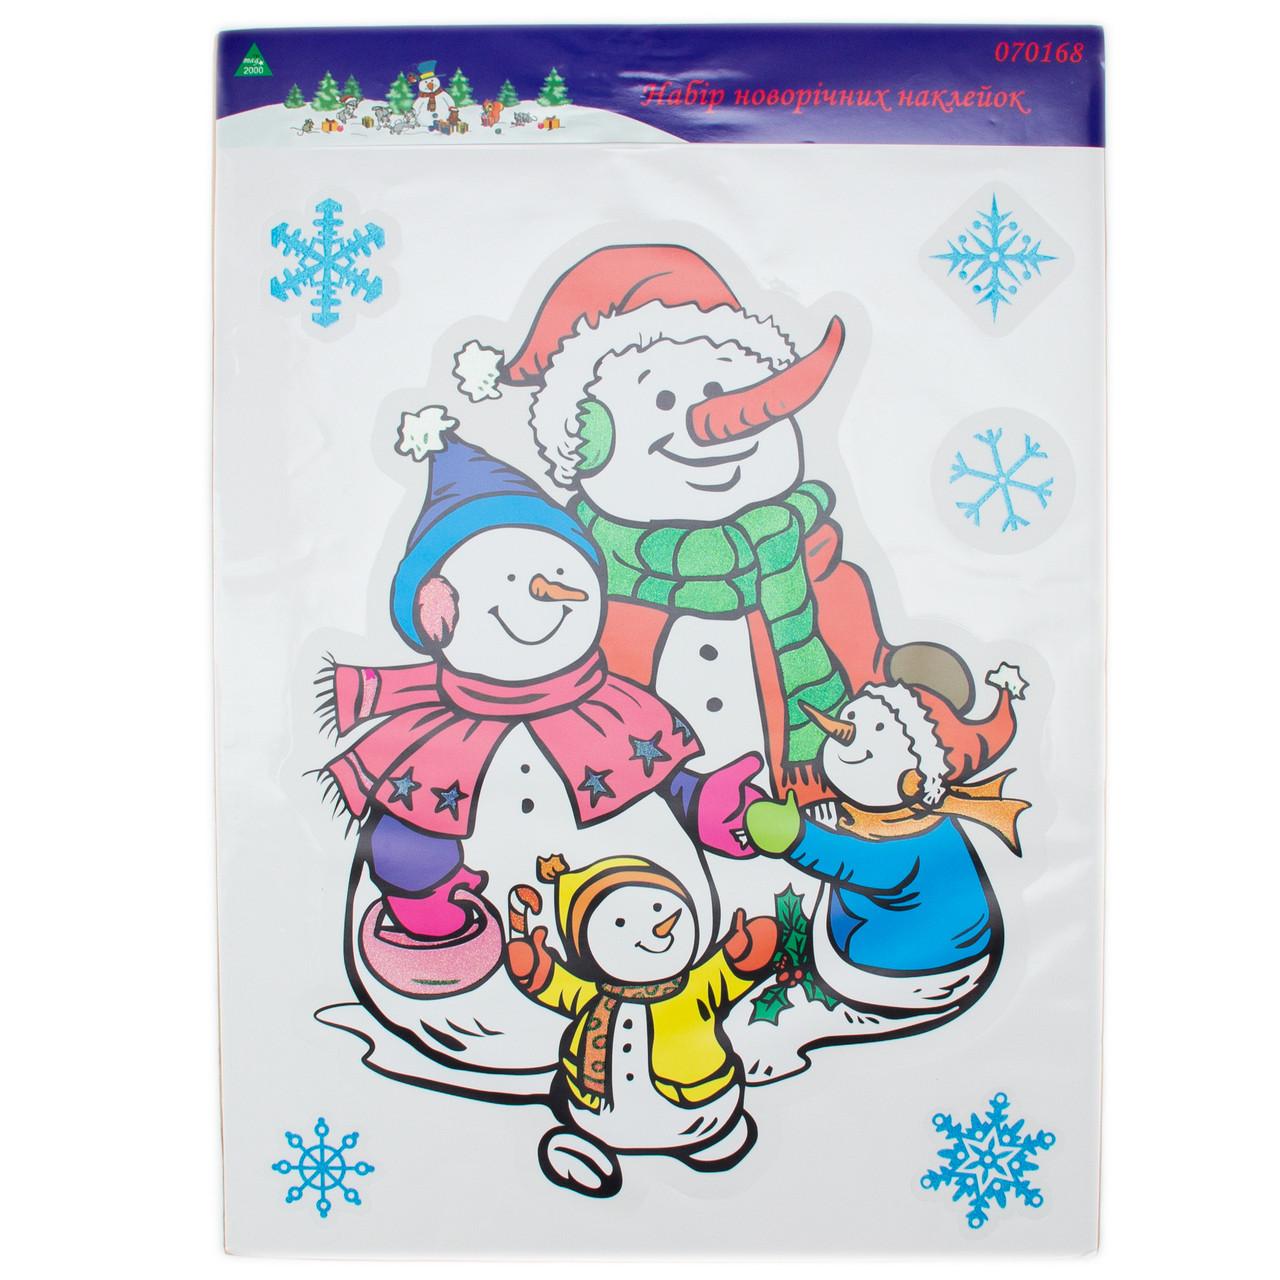 Лист с декоративными новогодними наклейками, Снеговик (070168-1)